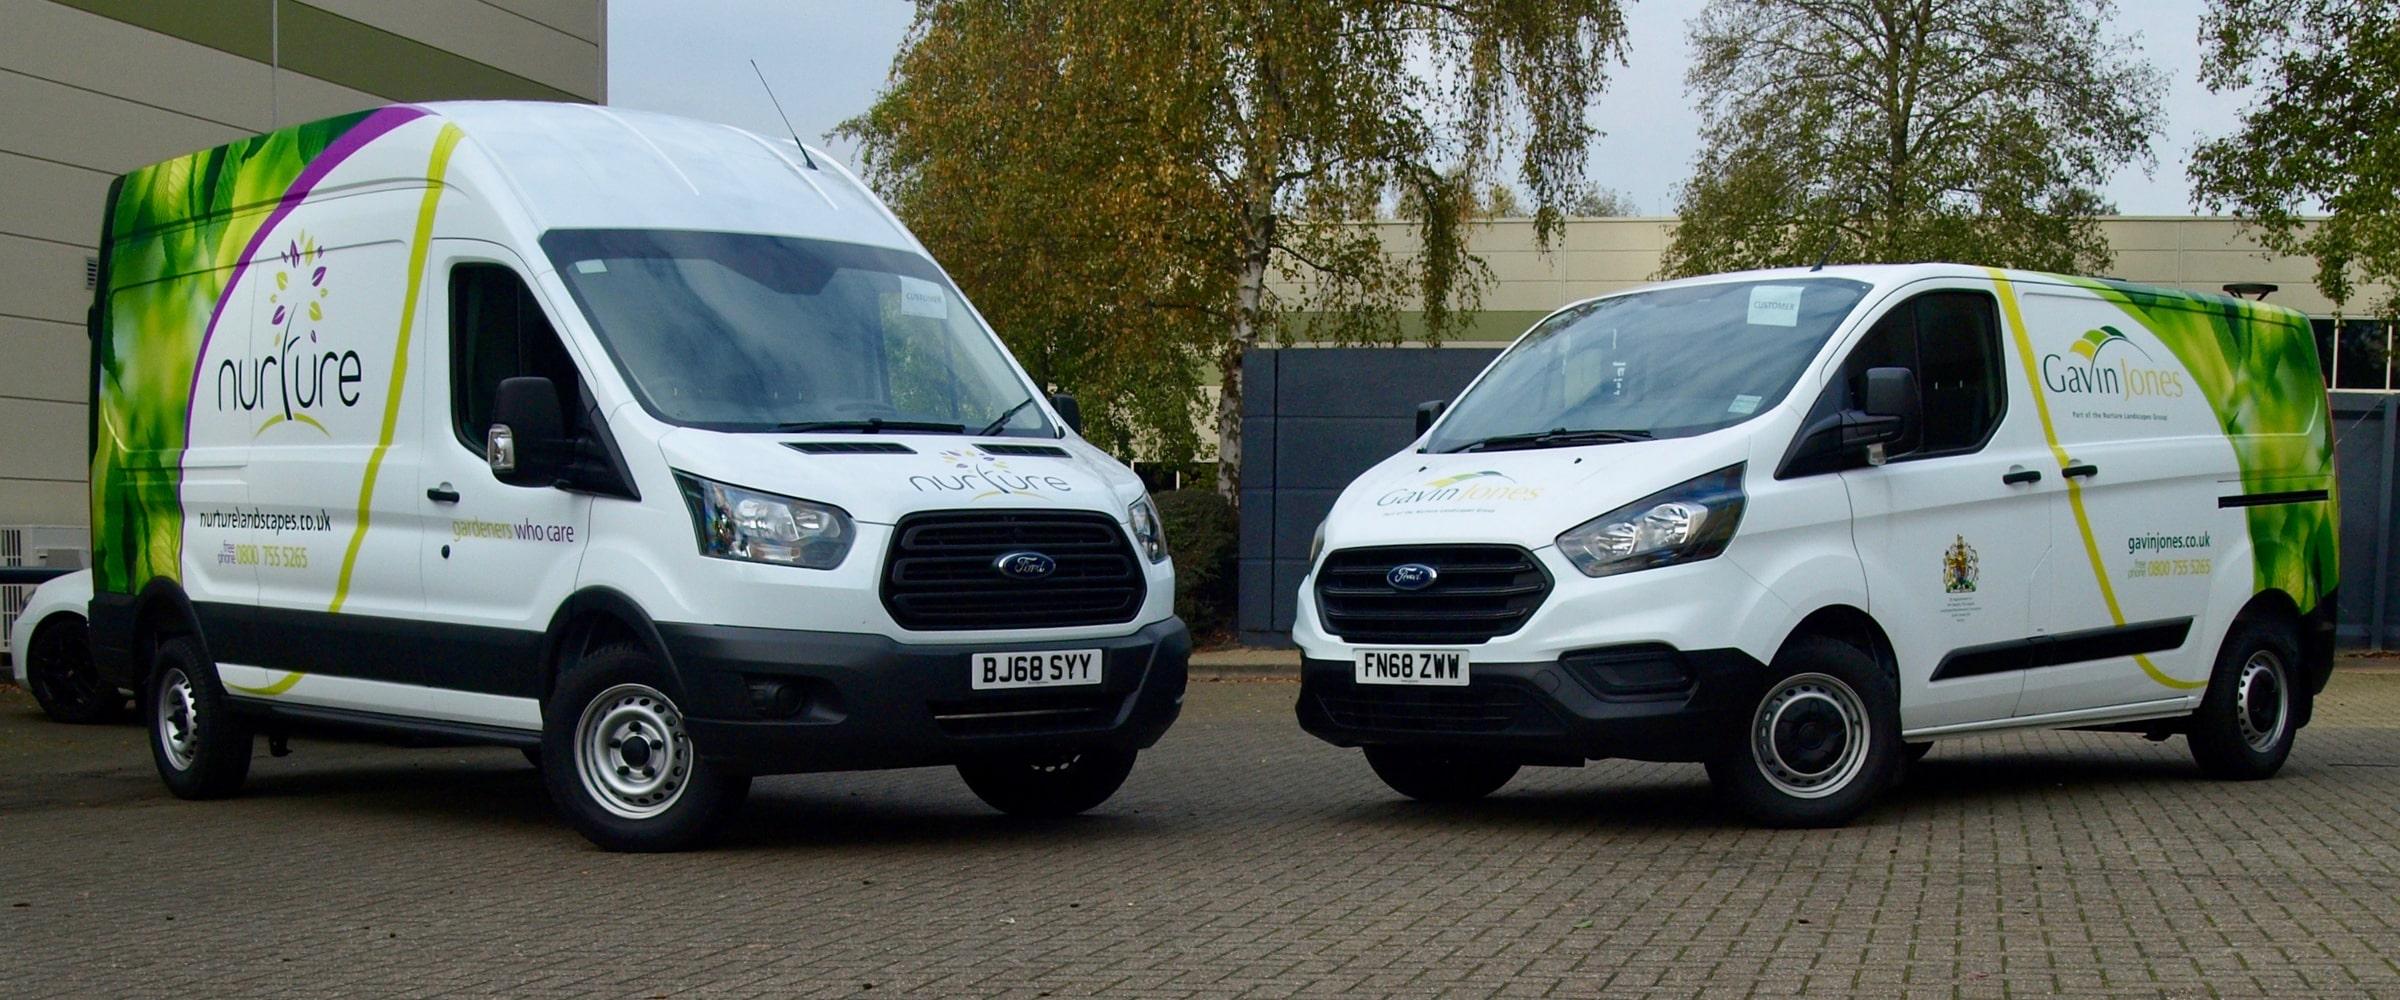 Fleet branding with vinyl graphics on Nurture Landscapes new vans